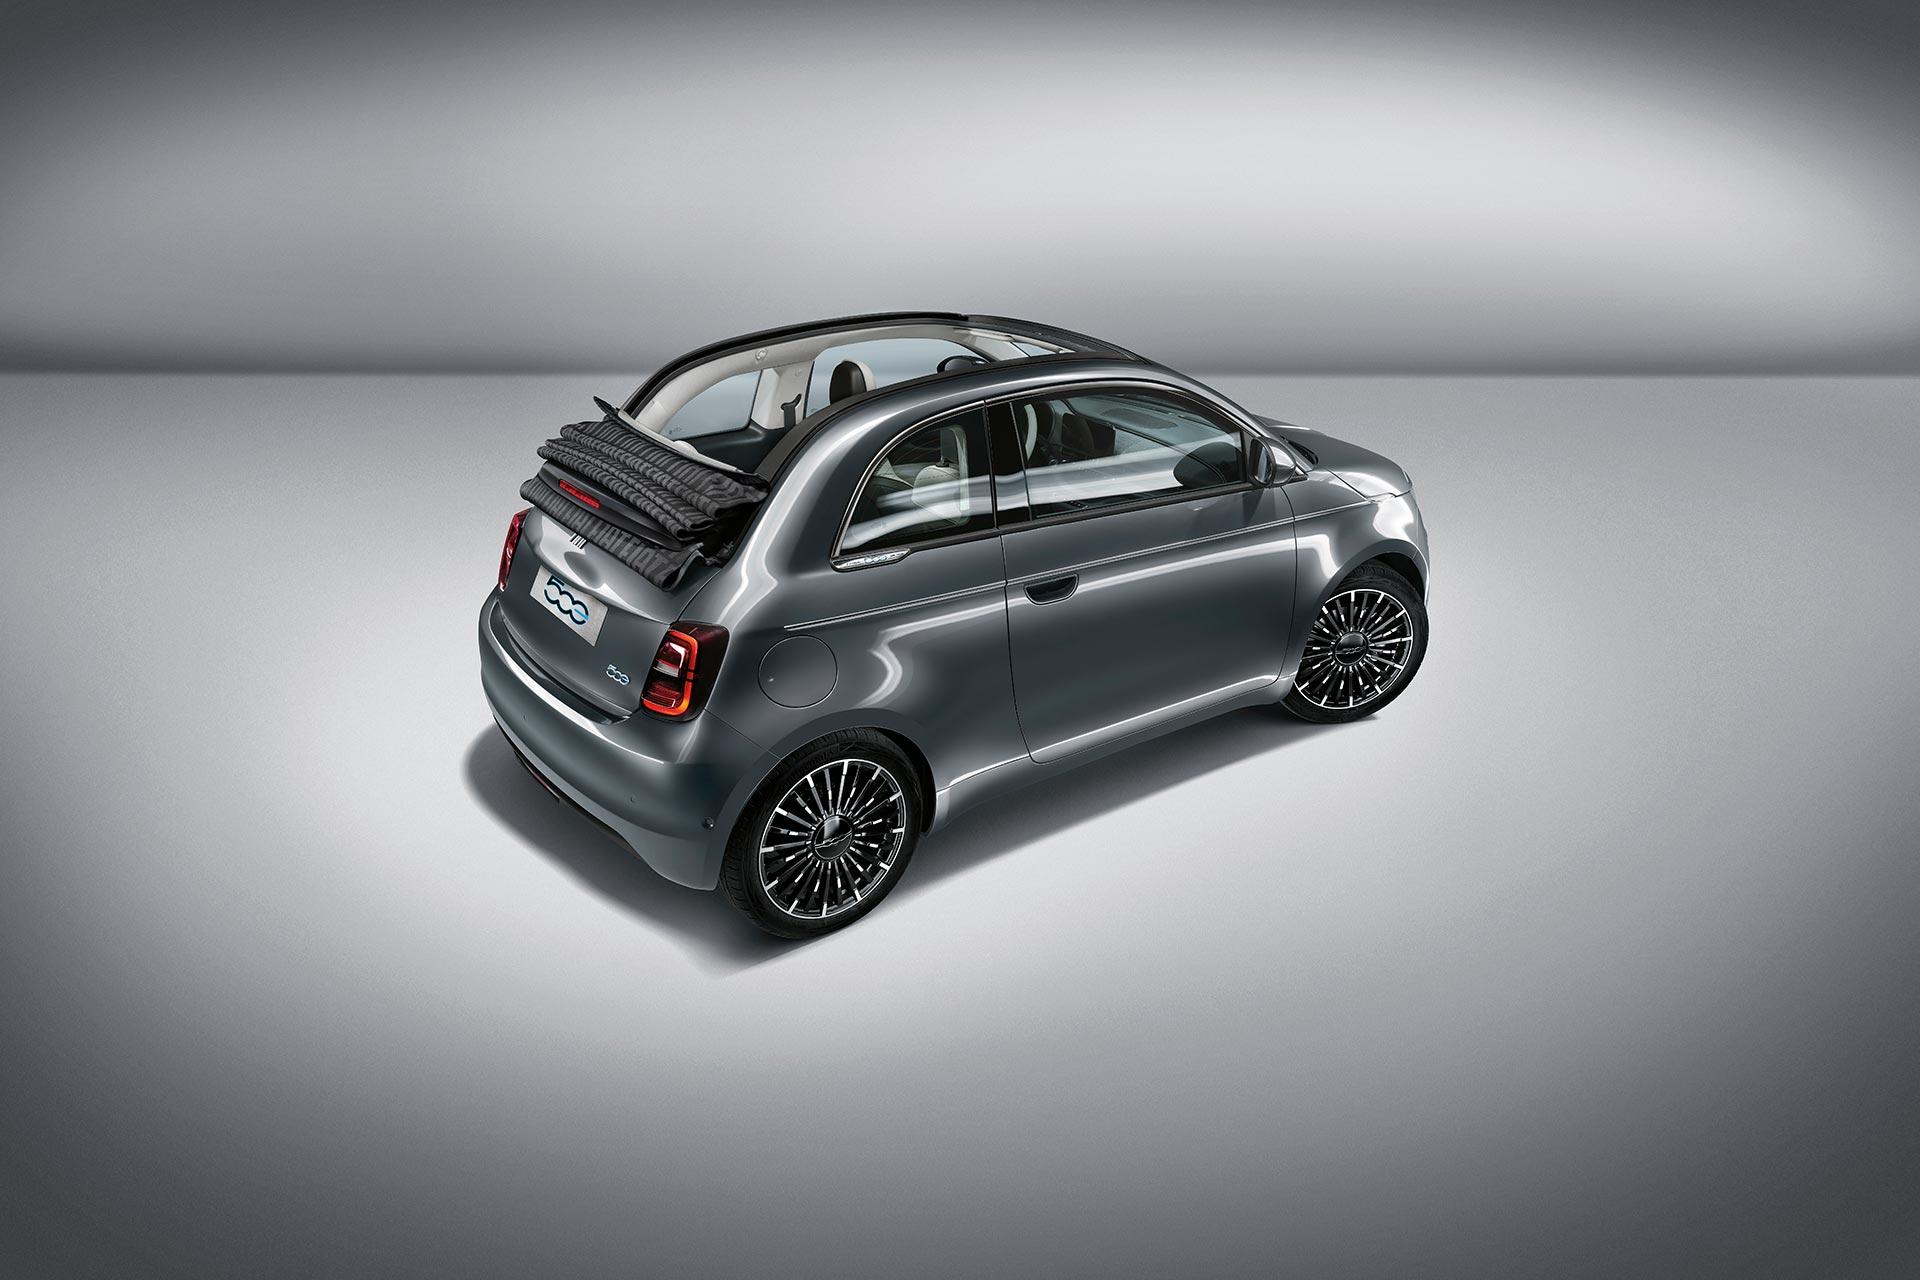 Fiat 500c electric La Prima rear side view